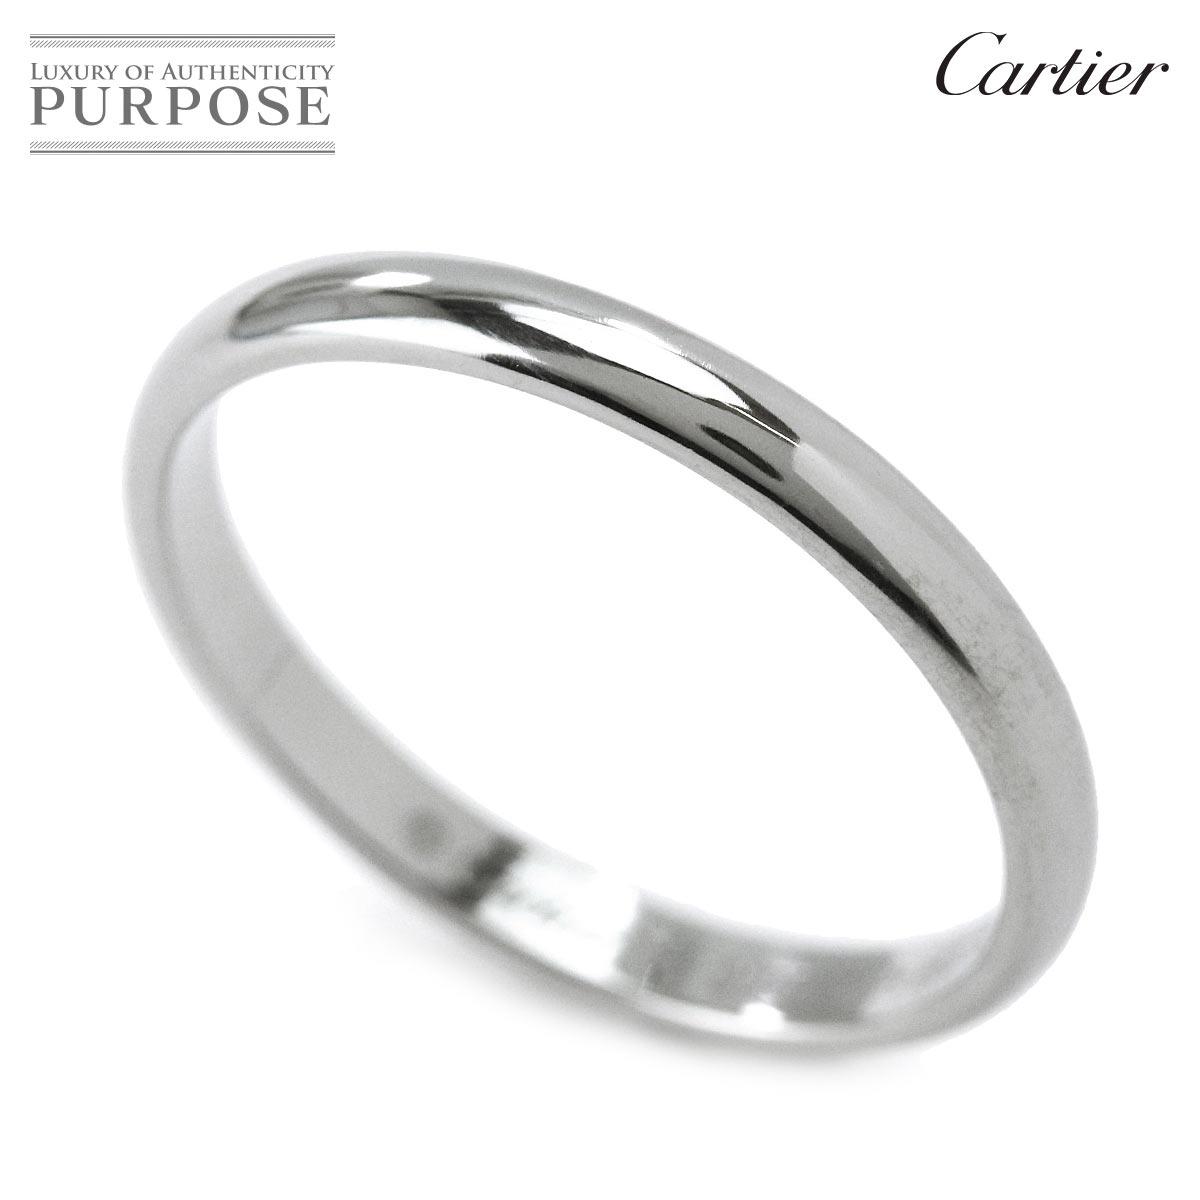 【新品仕上げ】 カルティエ Cartier クラシック #56 リング Pt950 幅2.5mm プラチナ 指輪 【証明書付き】 【中古】